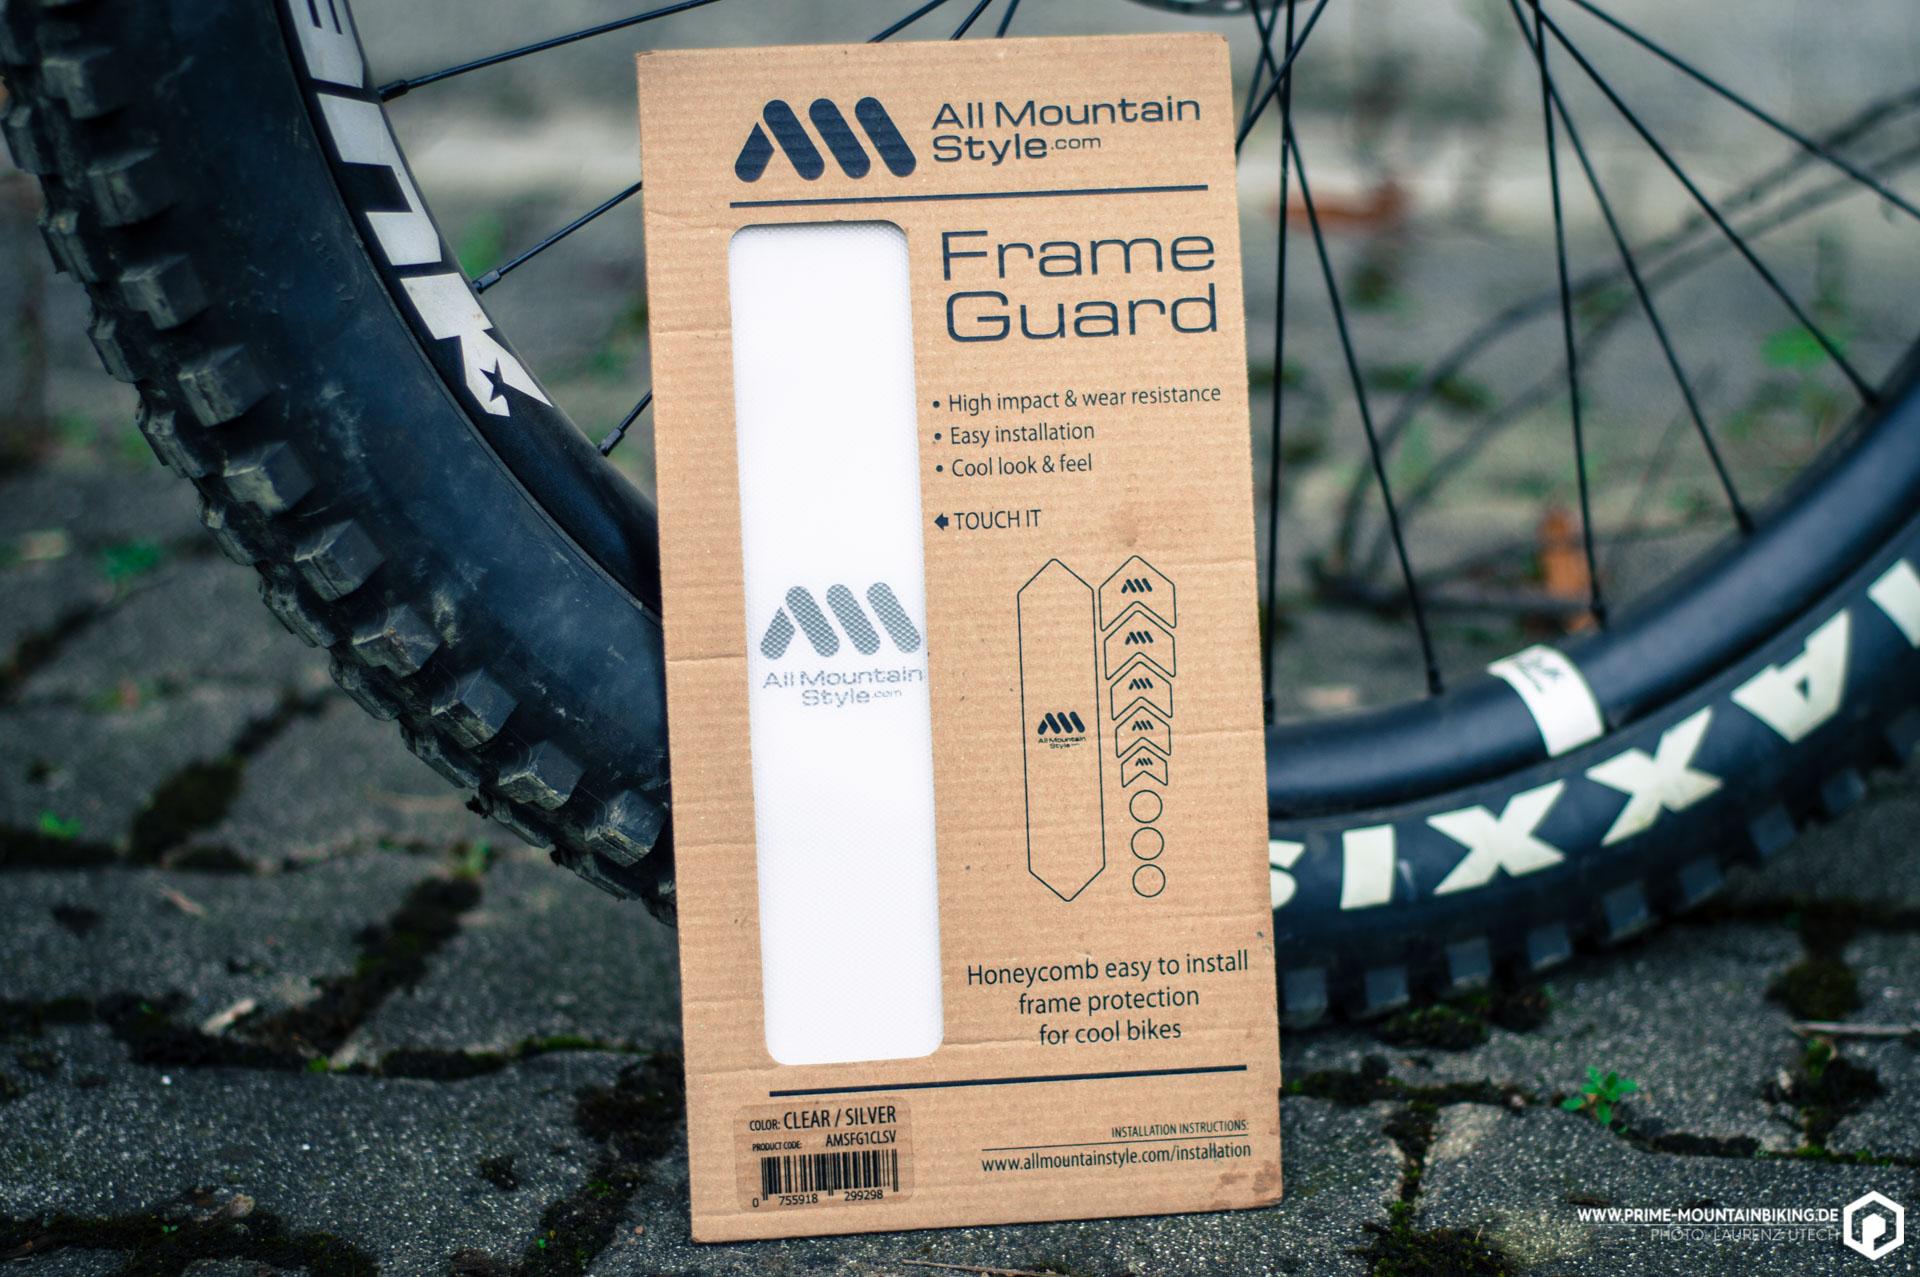 Der Honeycomb Frame Guard von All Mountain Style soll deinen Rahmen vor Lacplatzer und Schrammen schützen.